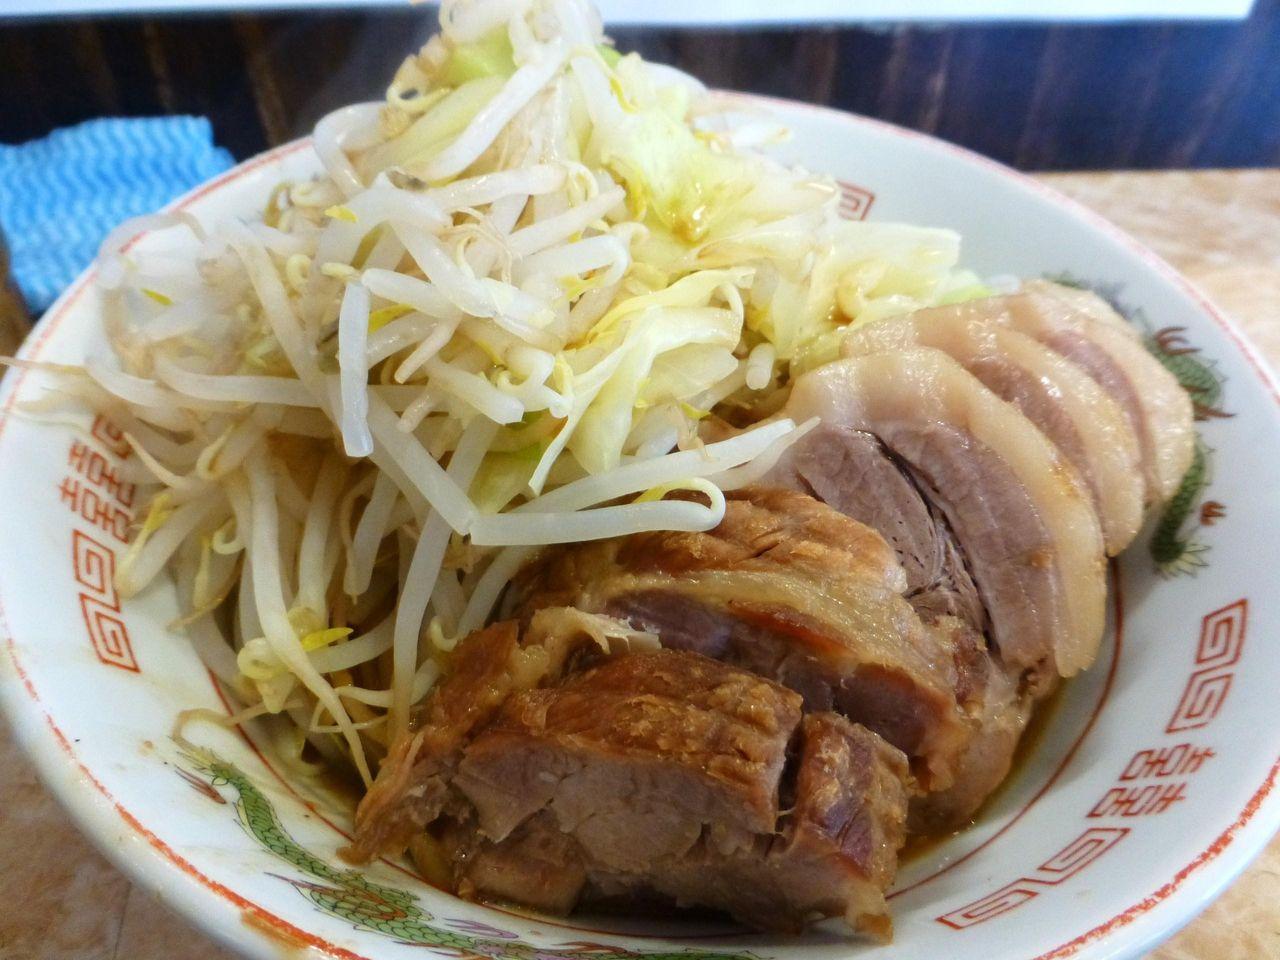 豚と野菜は確認できるが、麺が見えません!